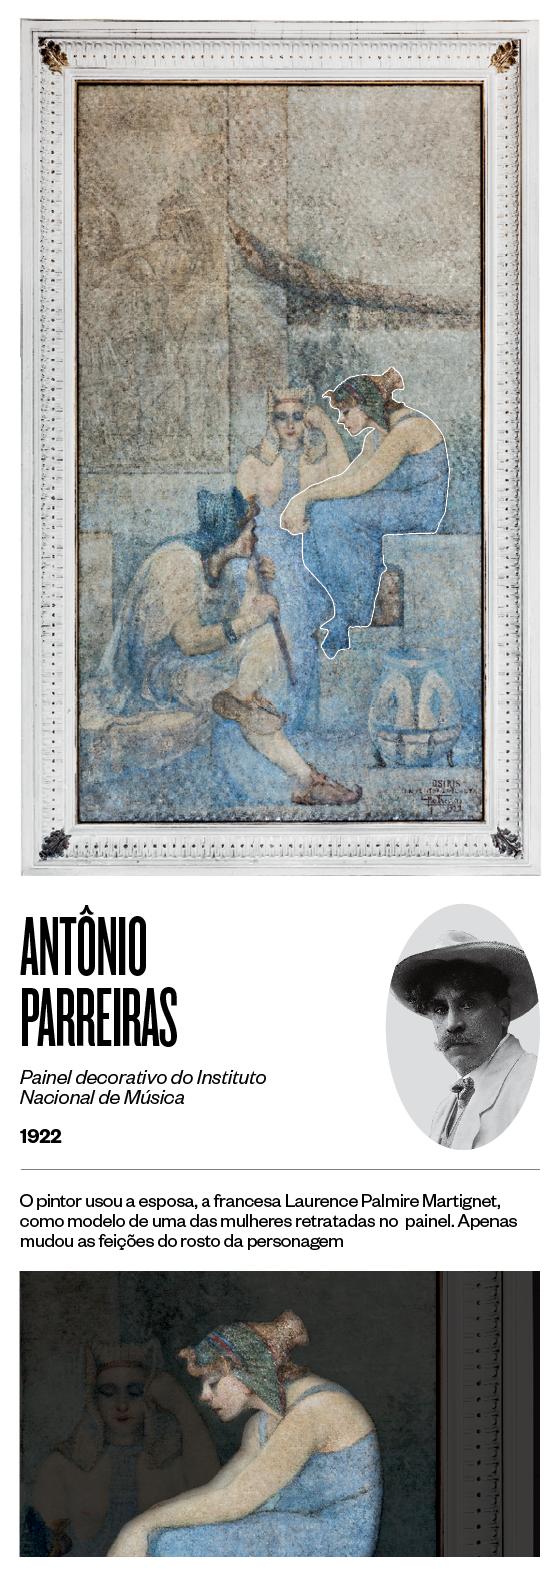 """""""Painel decorativo do Instituto Nacional de Música"""" - 1922 - Antônio Parreiras (Foto: Stefano Martini/ÉPOCA e reprodução)"""